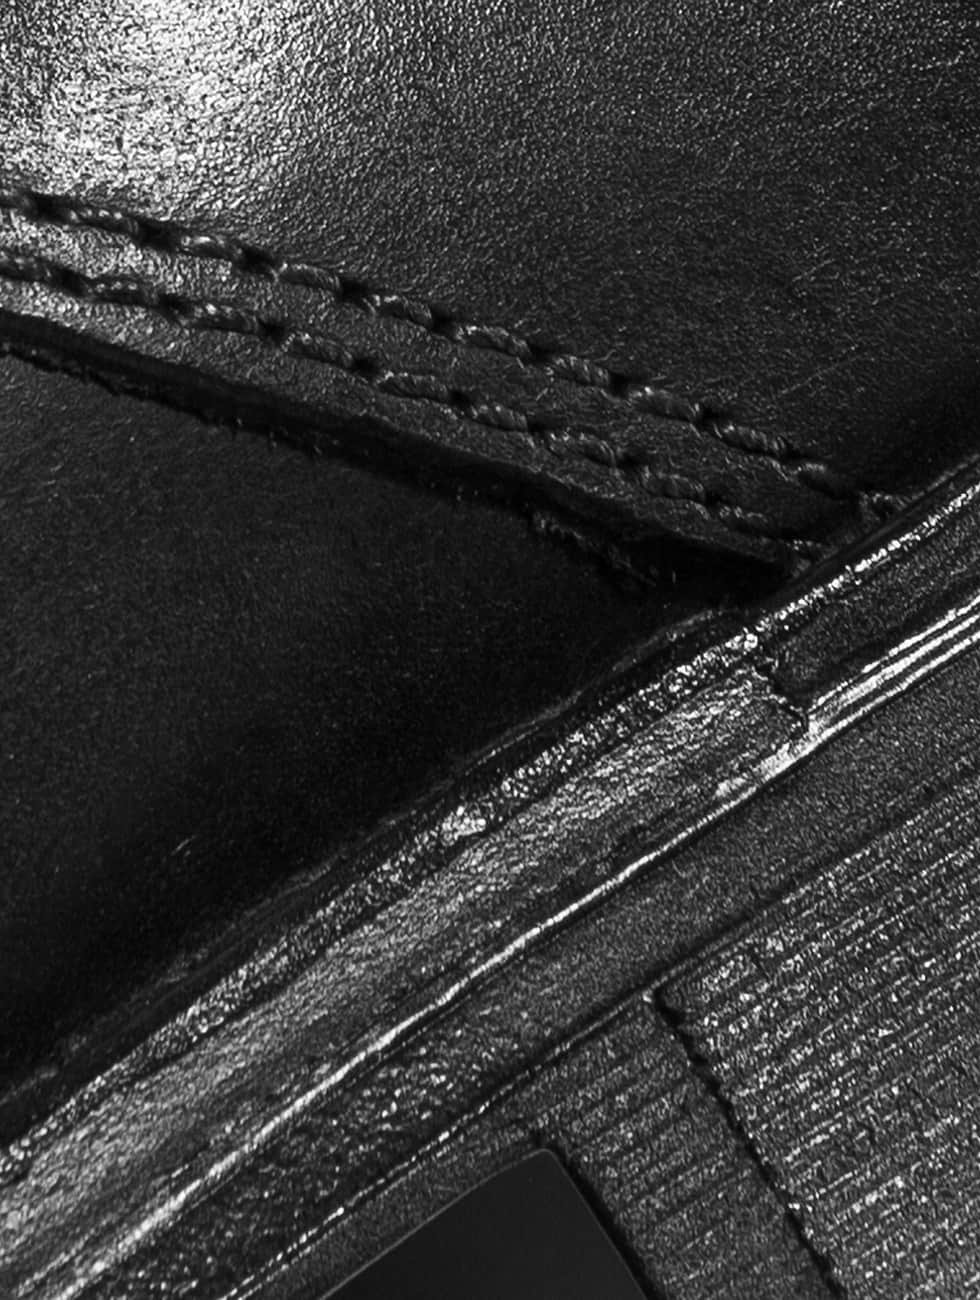 Kopen Goedkope 100% Authentiek Goedkope Koop In Manchester Jack & Jones schoen / Boots jfwOrca Leather in zwart 382166 Klaring Mode-stijl 0sILPI